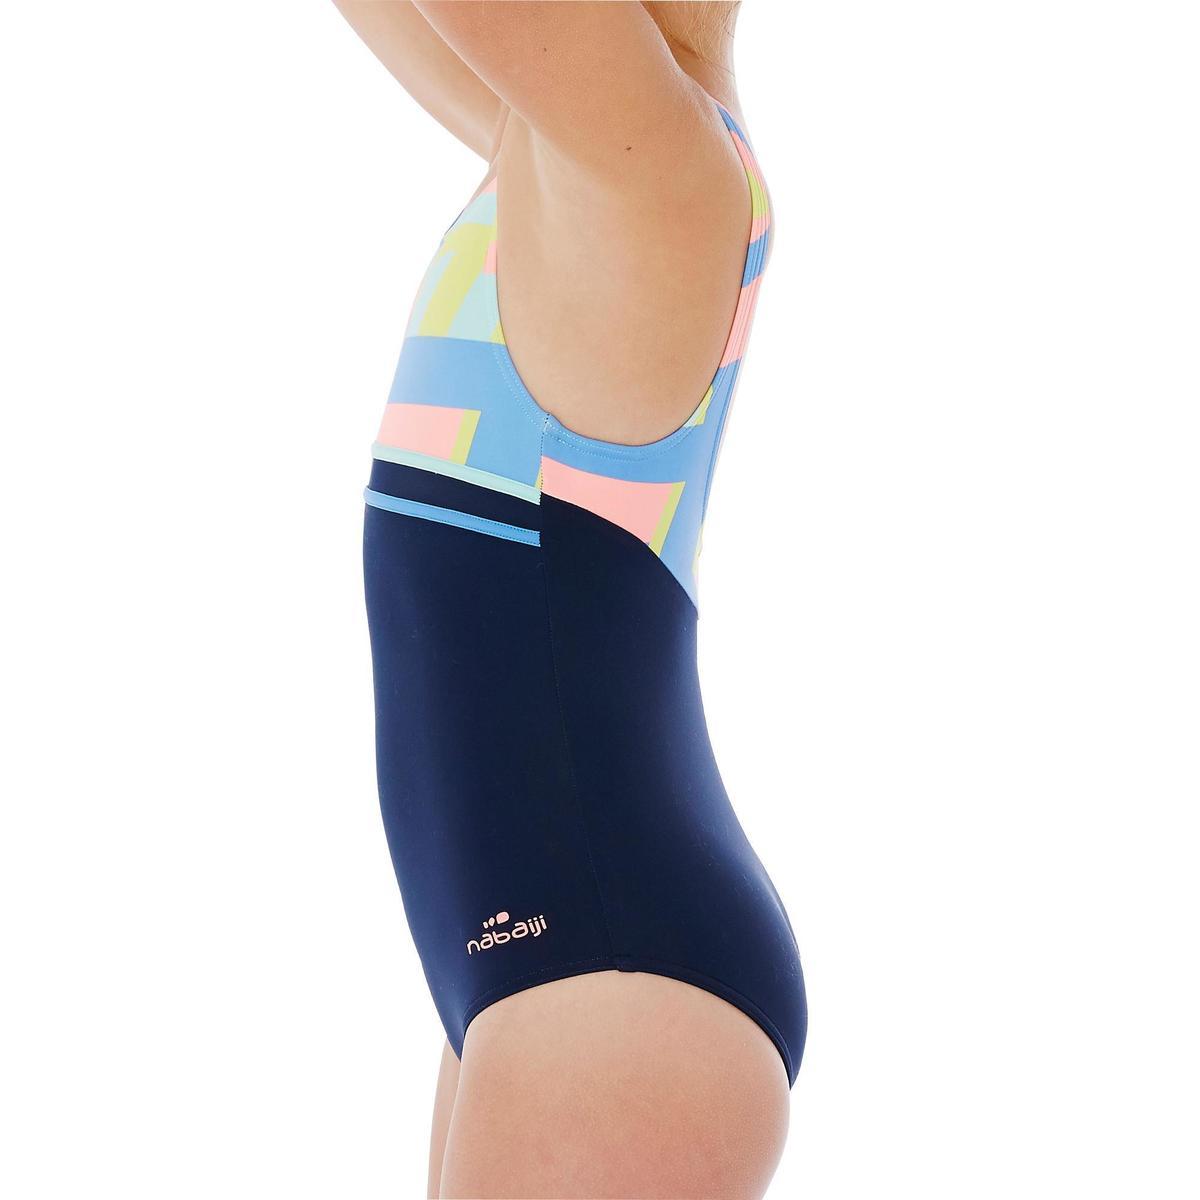 Bild 3 von Badeanzug Loran Mädchen blau